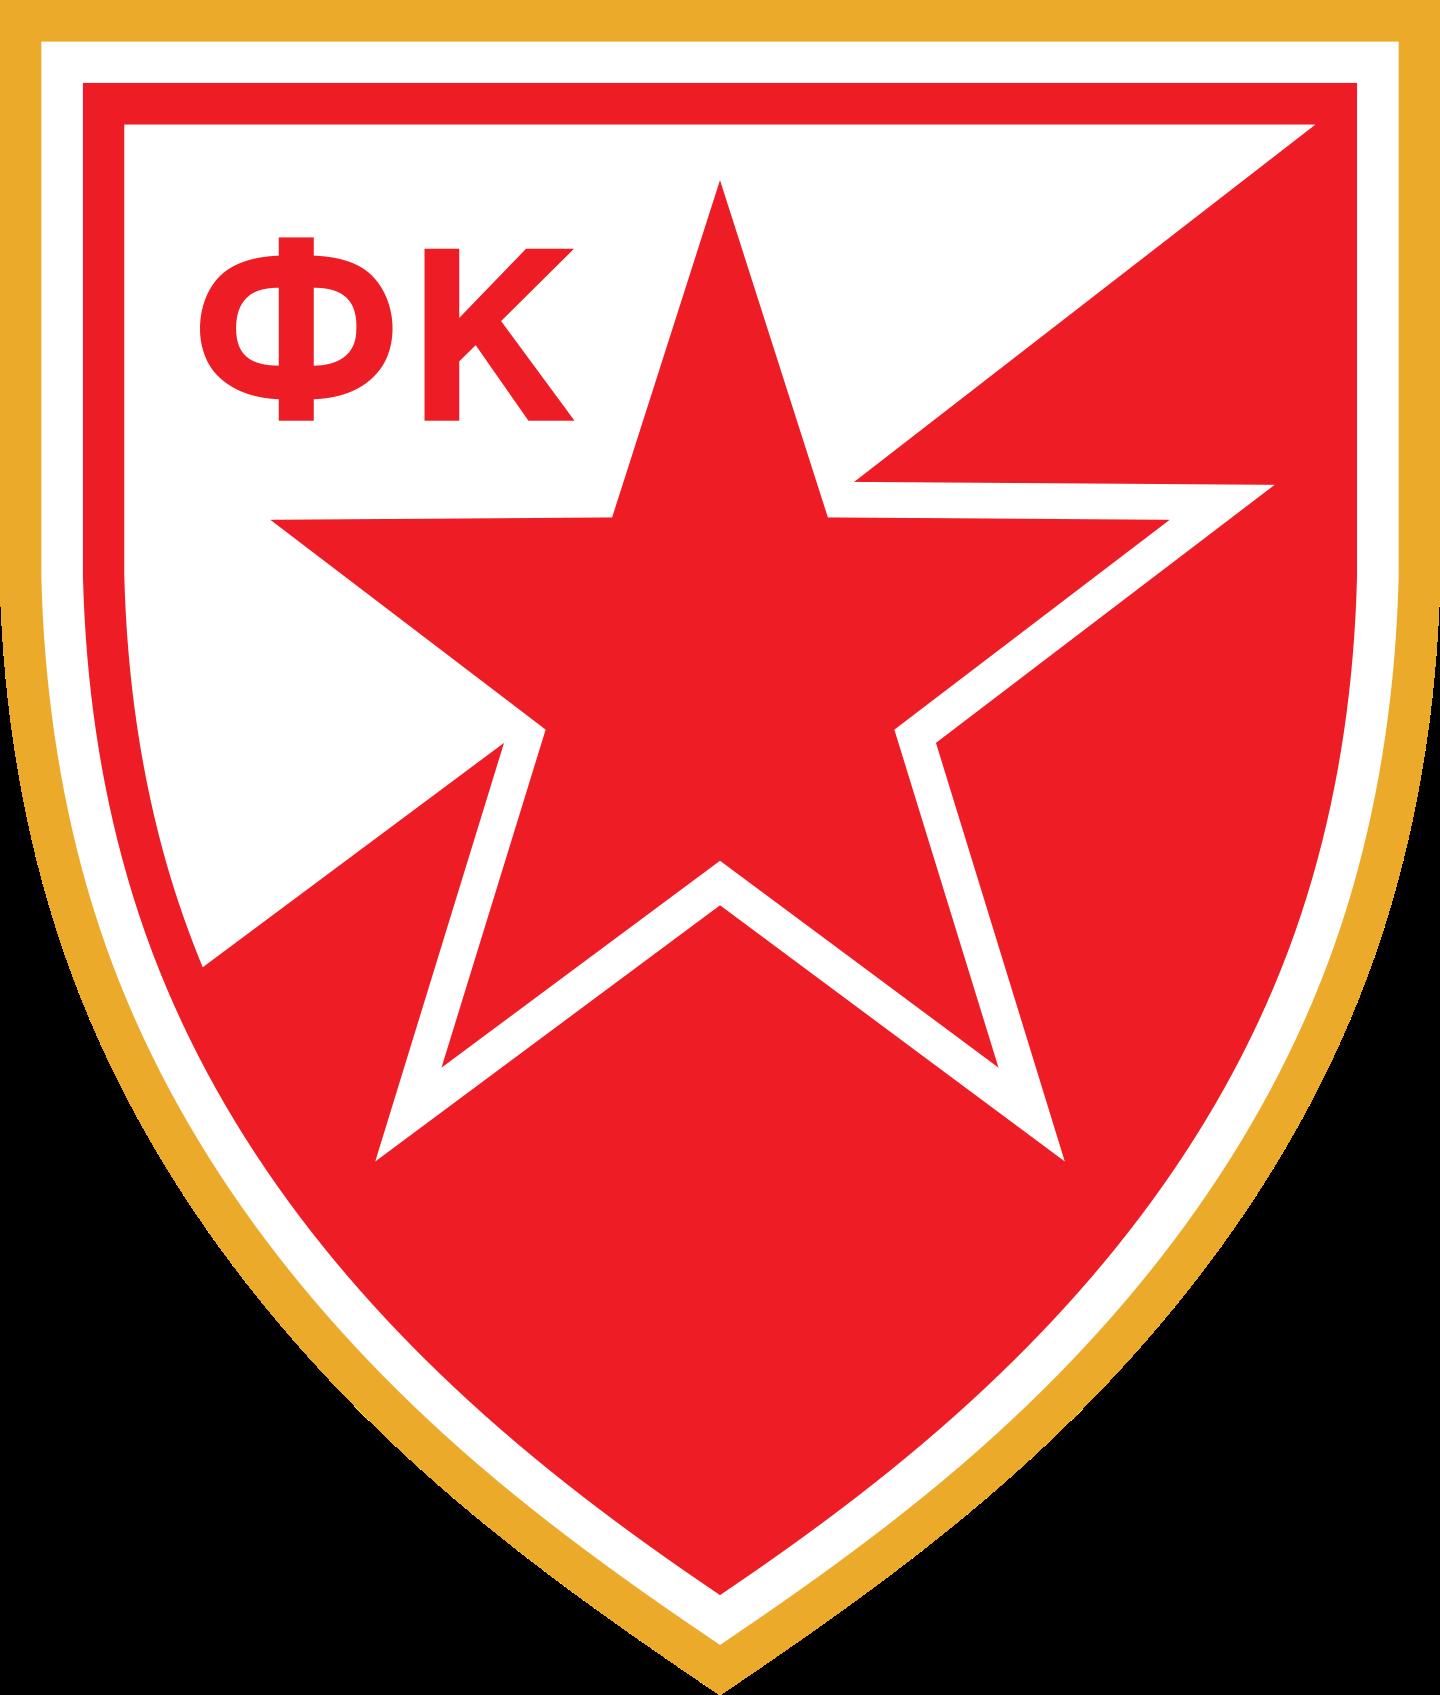 crvena zvezda logo 3 - FK Crvena zvezda - Red Star Belgrade - Logo